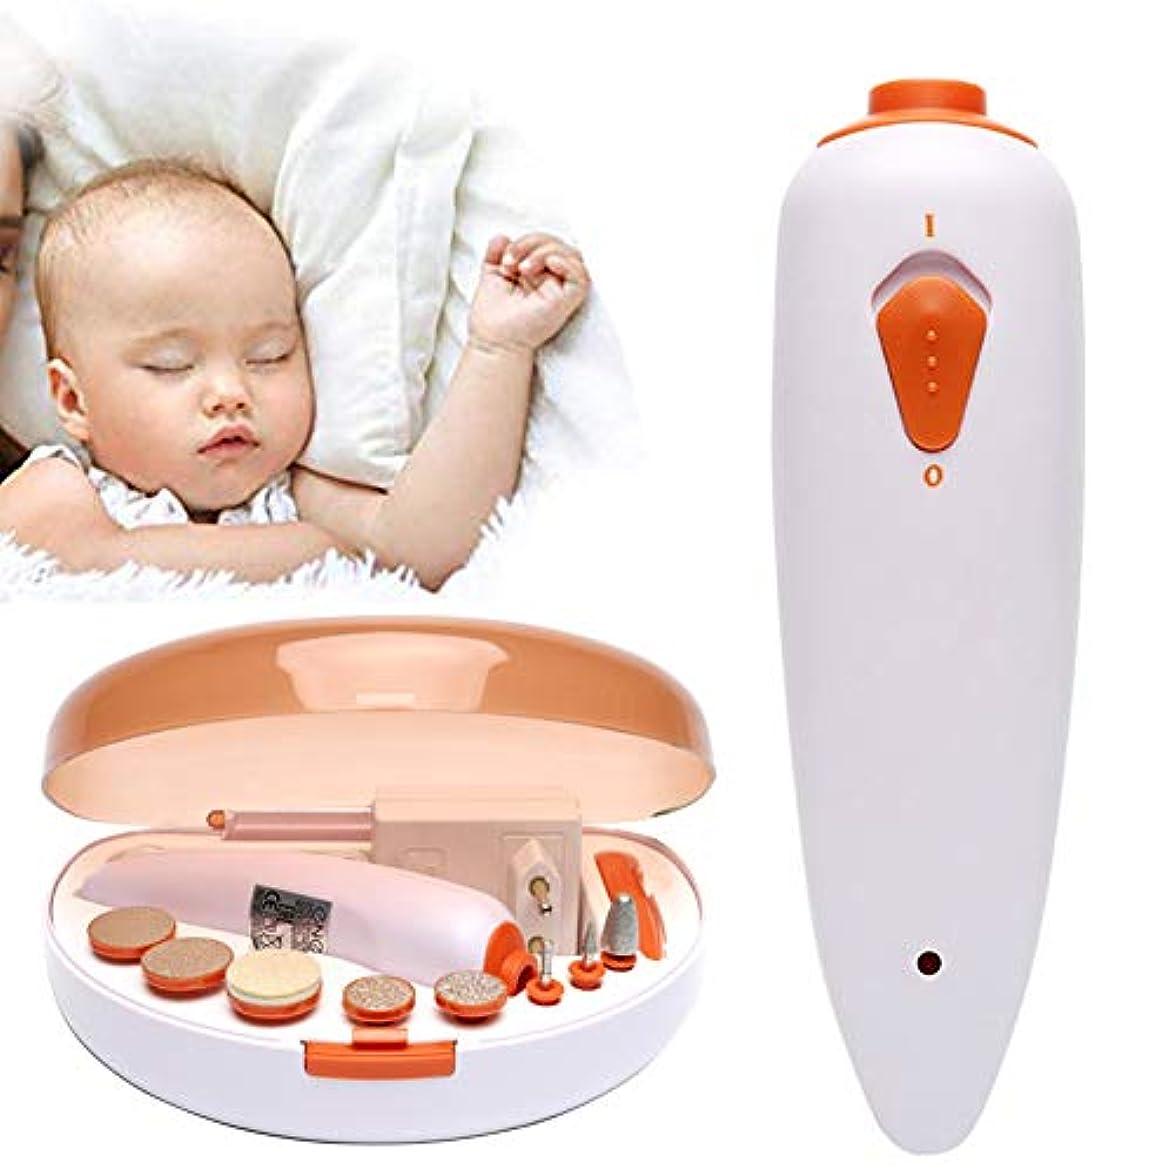 中級現実的自慢赤ちゃん マニキュア キット、 安全 電気の 赤ちゃん 爪 トリマー 爪 バリカン にとって 新生児、 赤ちゃん アダルト 研磨 ケア セット、 9 交換可能 研削 頭